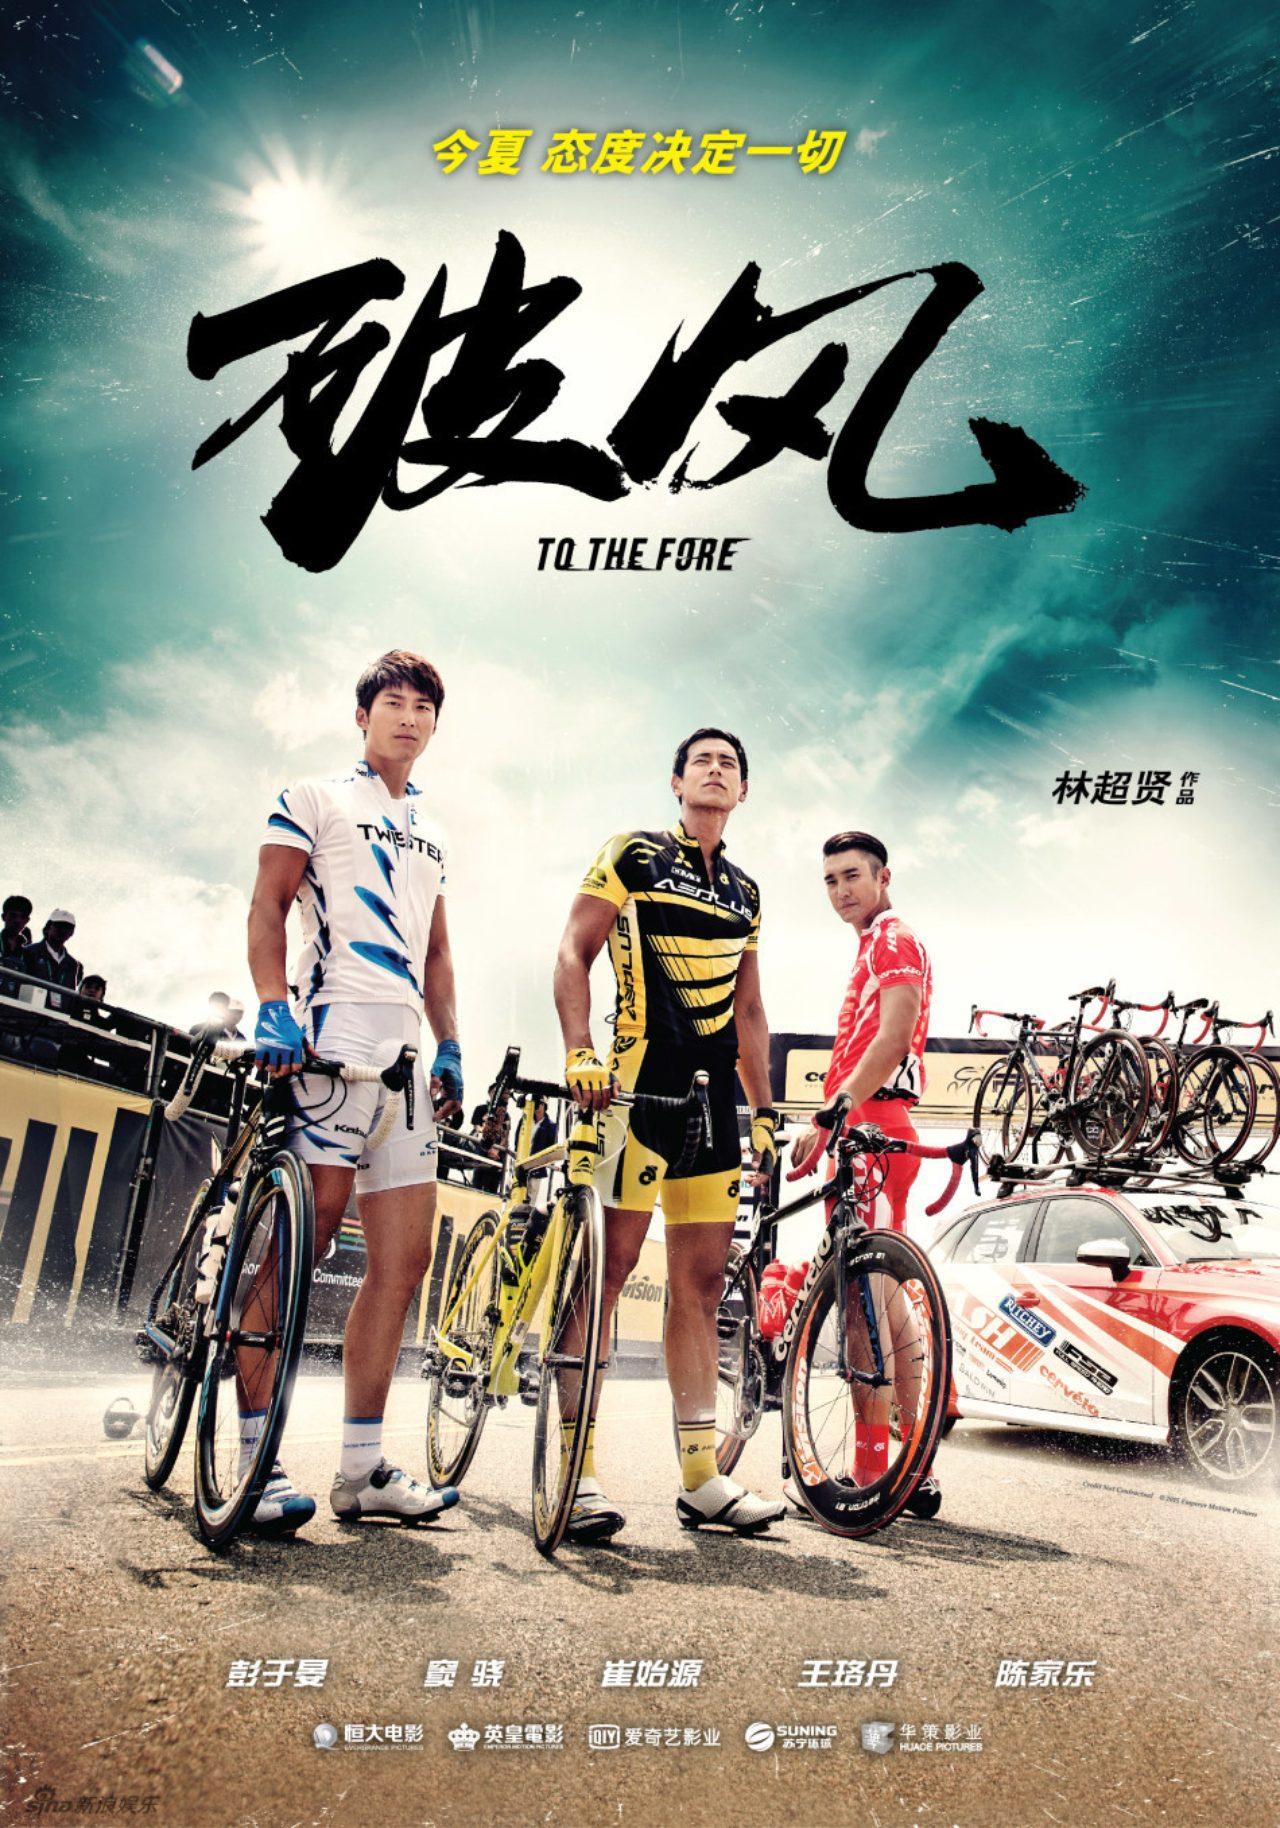 画像: 続々決まる各国のアカデミー外国映画賞候補--香港からは自転車競技をアジアのスター達で描く青春群像劇 ダンテ・ラム監督の『破風』